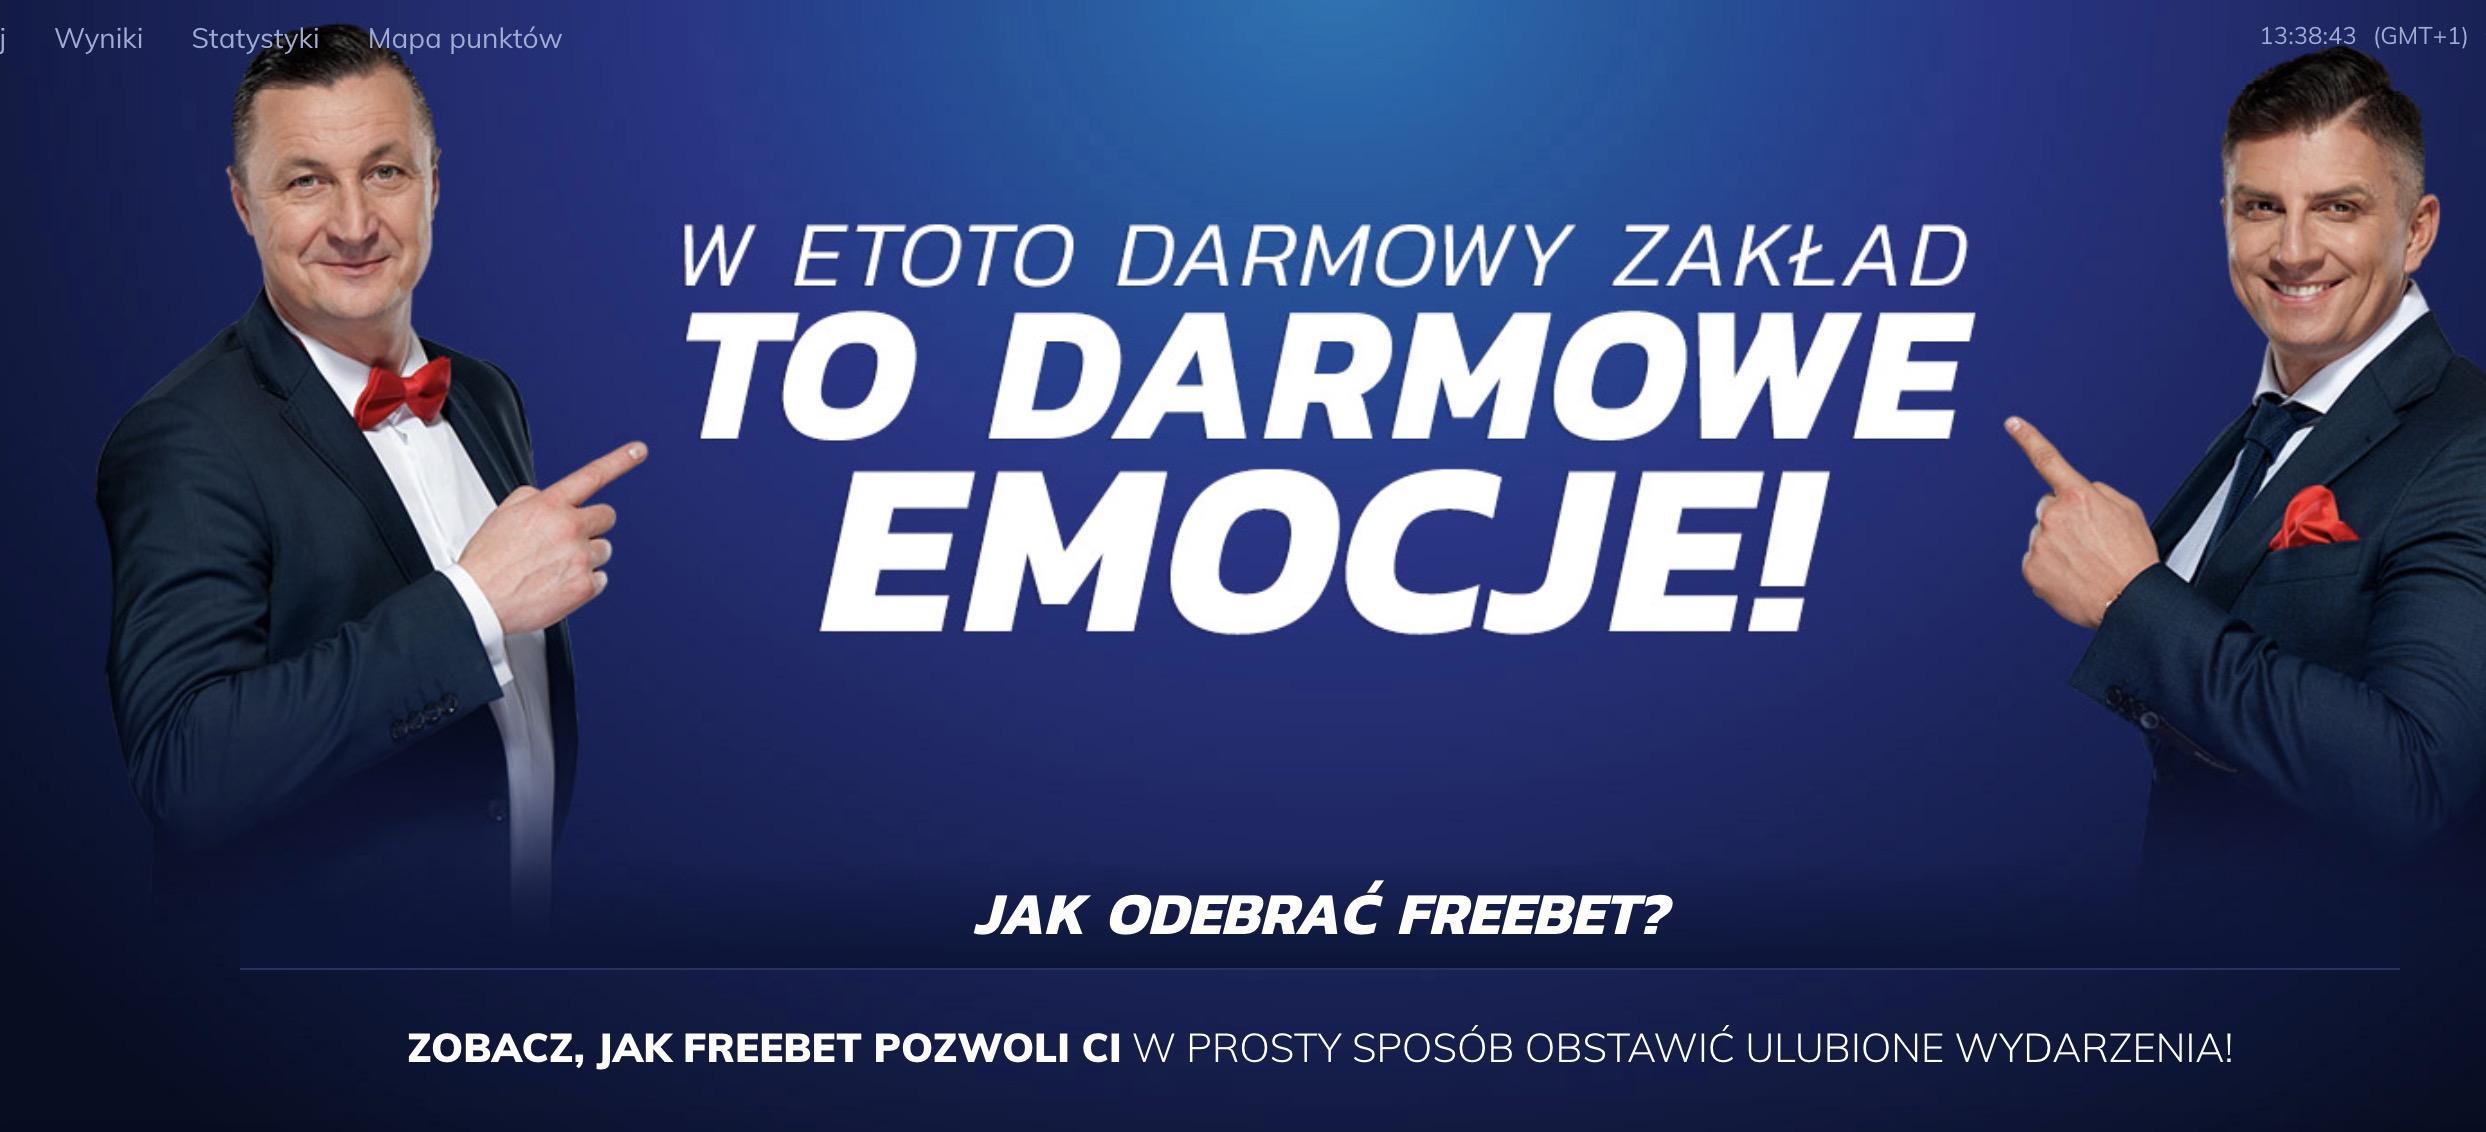 Darmowy freebet 10 PLN w Etoto!